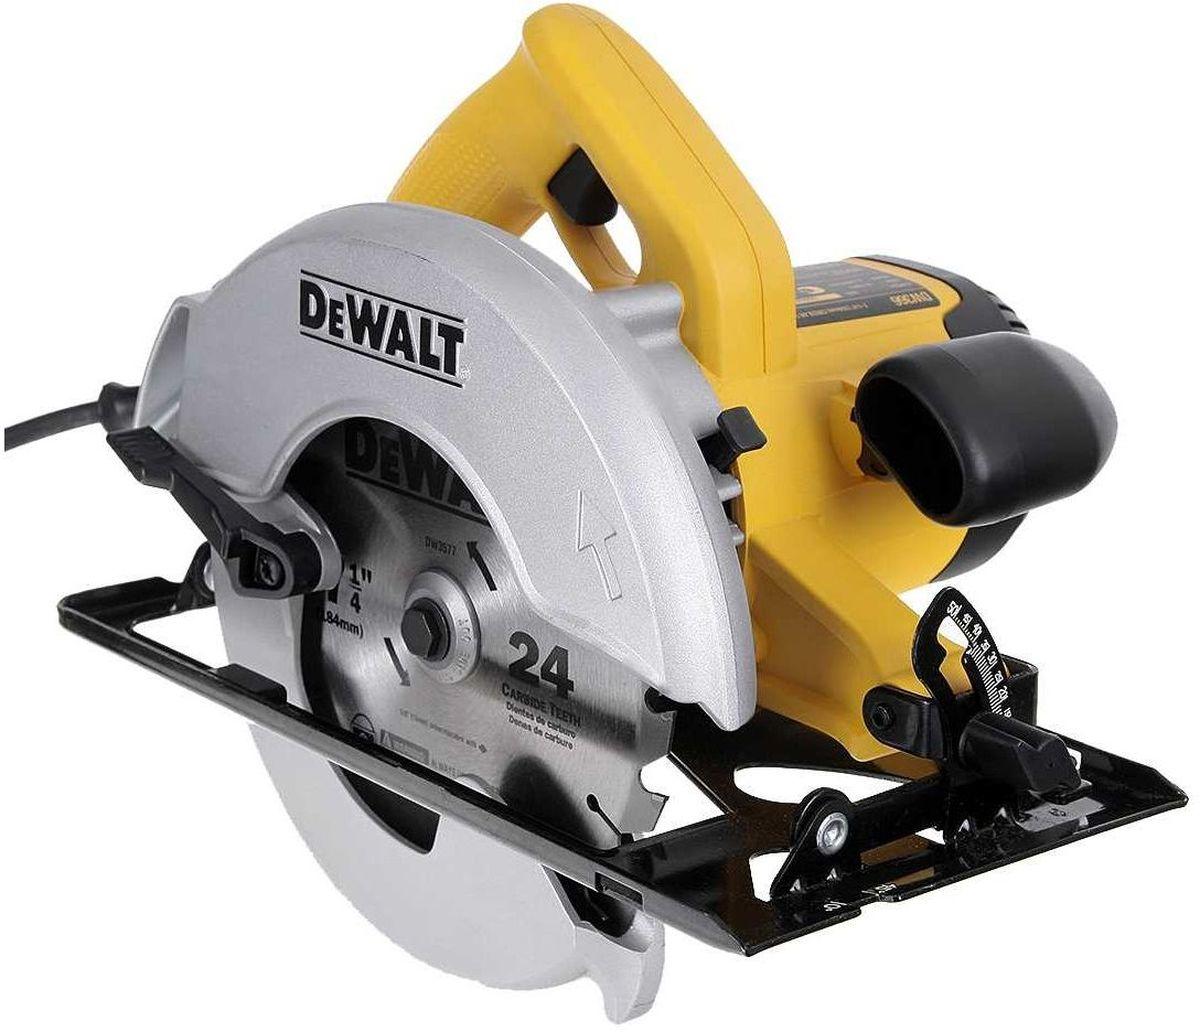 Пила дисковая DeWalt, электрическая. DW366DW366Пила DeWalt - компактная, превосходно сбалансированная и простая в эксплуатации дисковая пила с глубиной пропила 60 мм. Надежный высокомоментный двигатель обеспечивает долговечность и мощность для работы на стройплощадках и в столярных мастерских. Эффективный канал пылеудаления для минимизации содержания пыли в воздухе при подключении к пылесосу или в мешок. Пила имеет превосходную балансировку, быструю и легкую регулировку глубины пропила и угла наклона. А также прочную и долговечную подошву из штампованной стали и две рукоятки для удобства управления.Выходная мощность: НД Вт. Диаметр посадочного отверстия: 16 мм. Угол наклона: 50 °.Макс. глубина реза 90°: 60 мм. Макс. глубина реза 45°: 45 мм. Держатель насадки: 42374 мм. Высота: 250 мм.